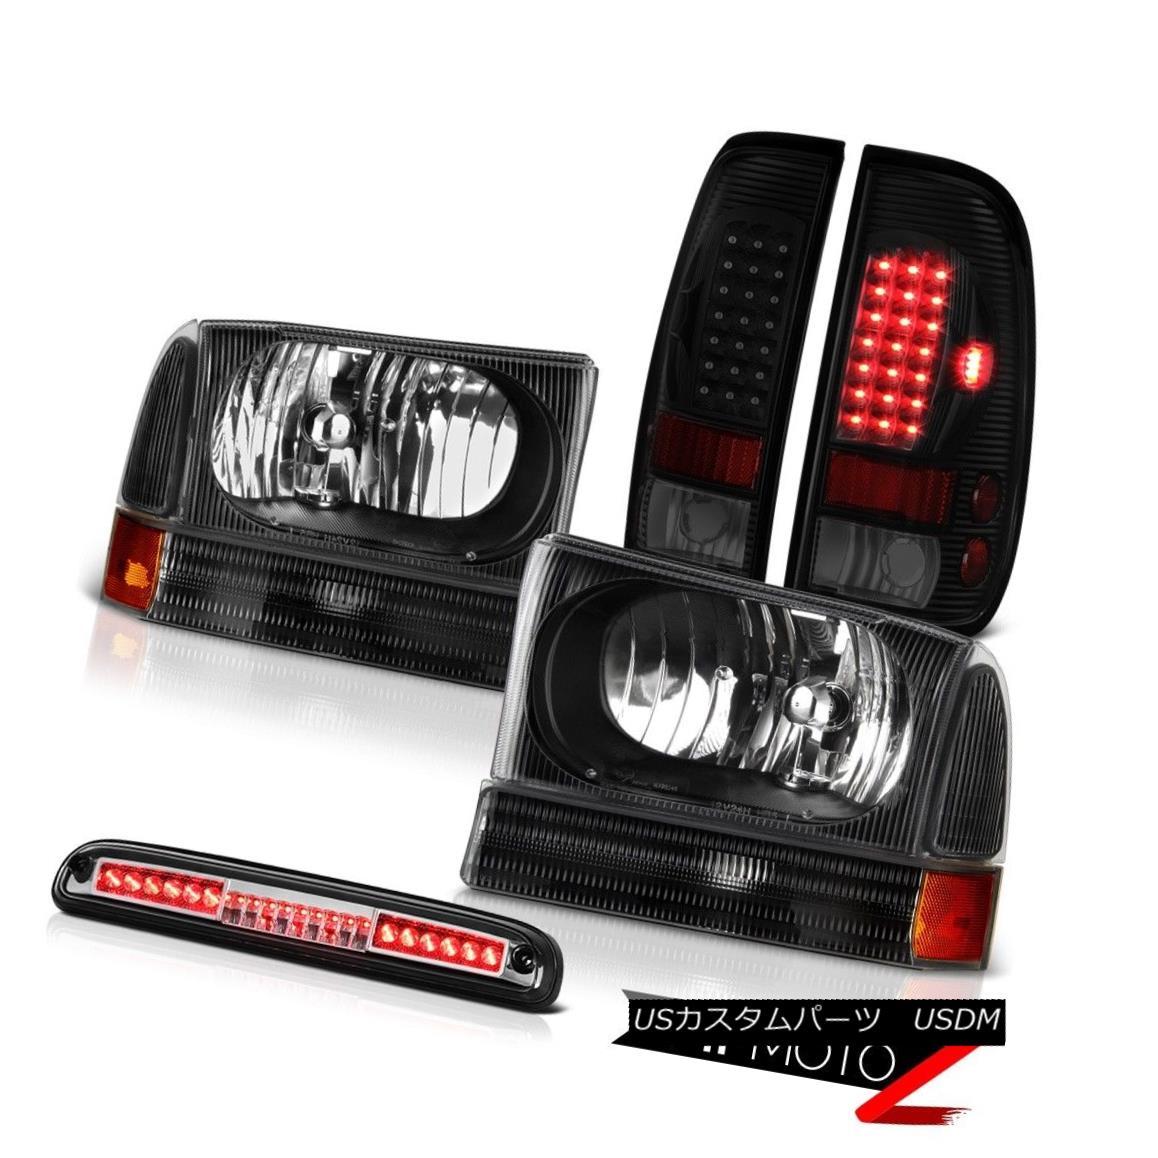 テールライト 1999-2004 F350 5.4L Black Headlamps Taillights Clear Chrome Roof Cab Lamp LED 1999-2004 F350 5.4LブラックヘッドランプテールランプクリアクロームルーフキャブランプLED